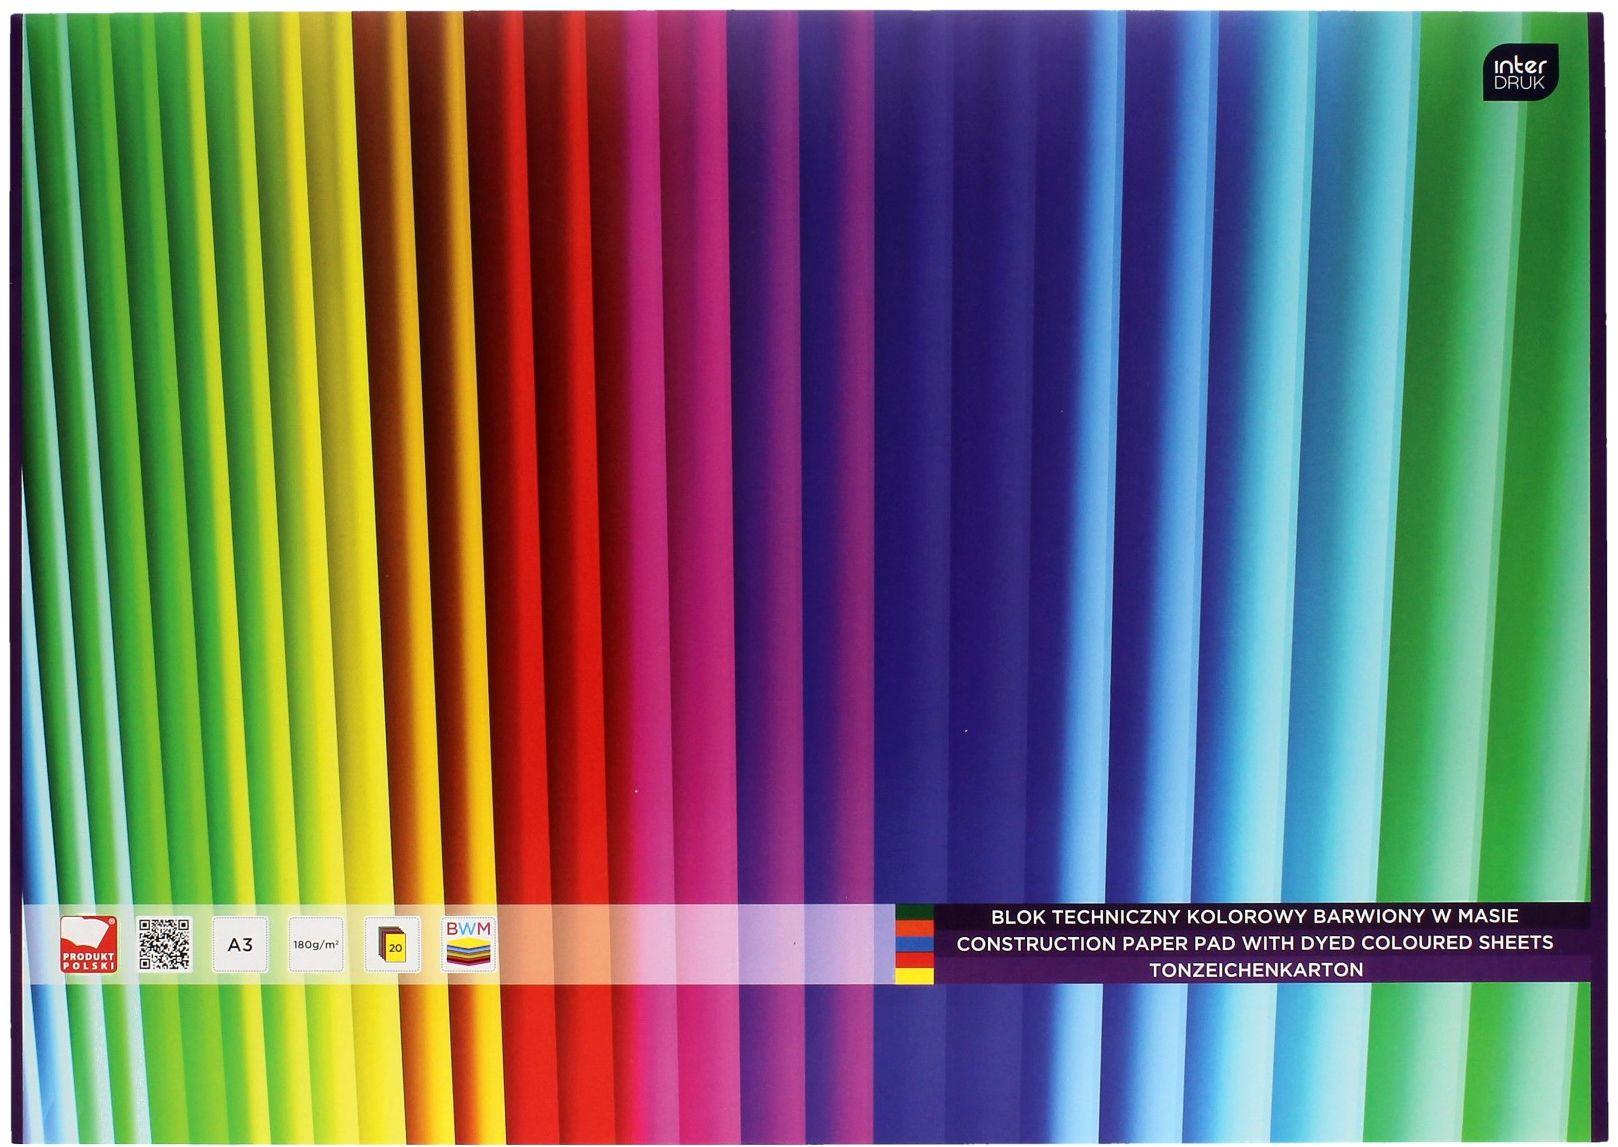 Blok techniczny A3/20 kolor barwiony w masie Interdruk